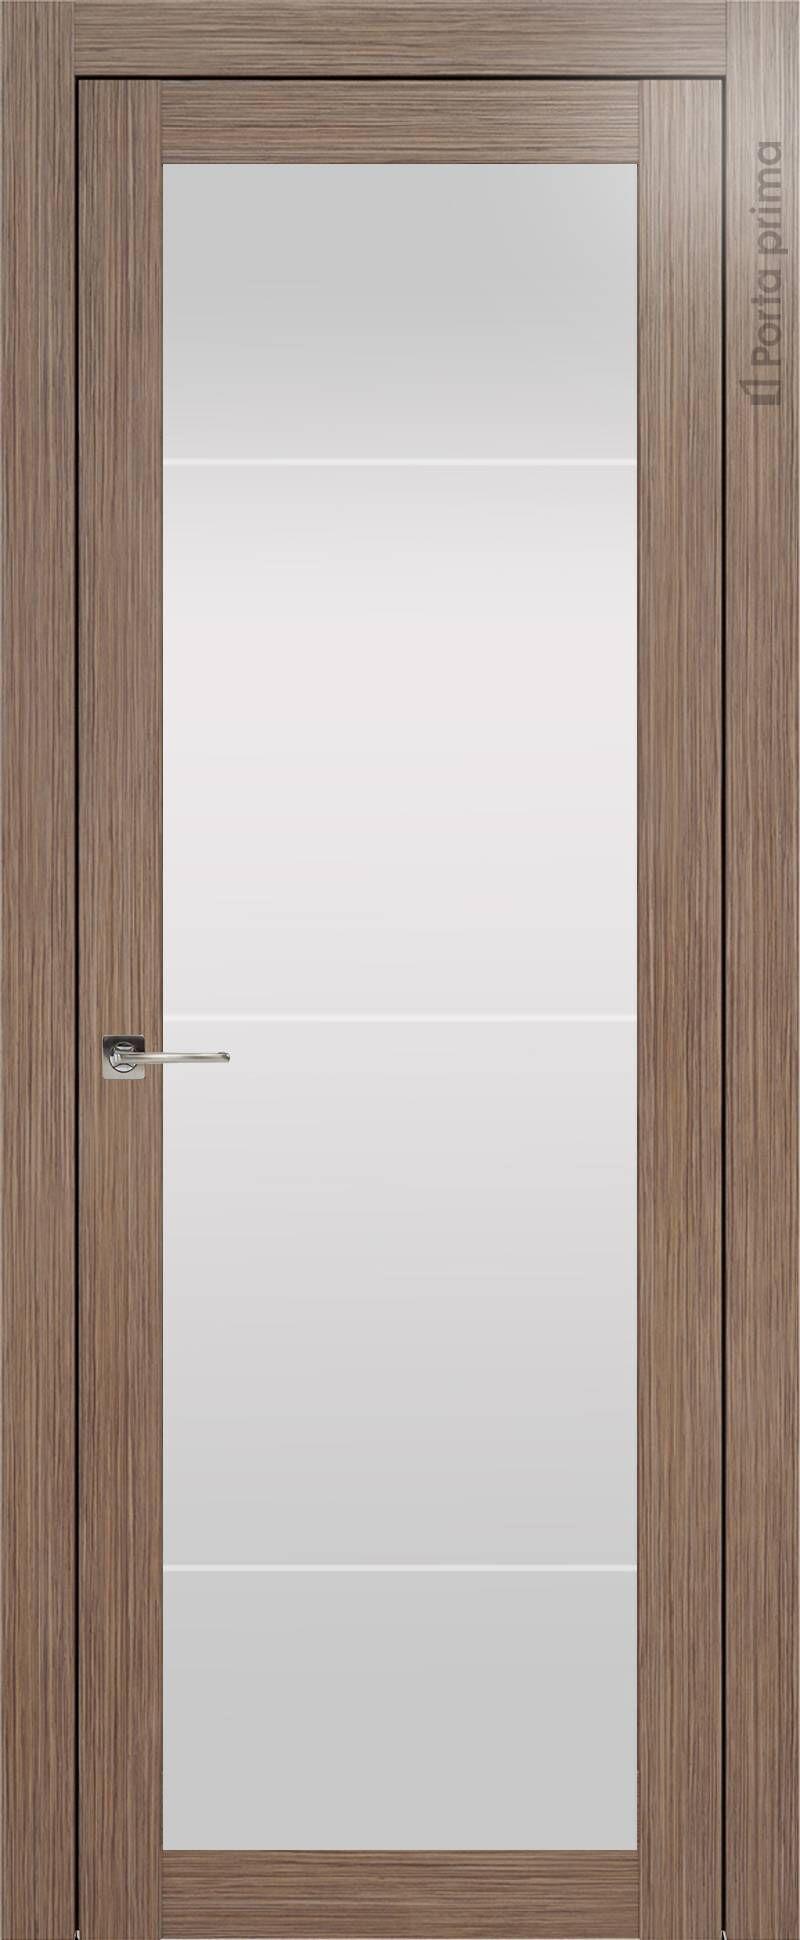 Tivoli З-3 цвет - Орех Со стеклом (ДО)